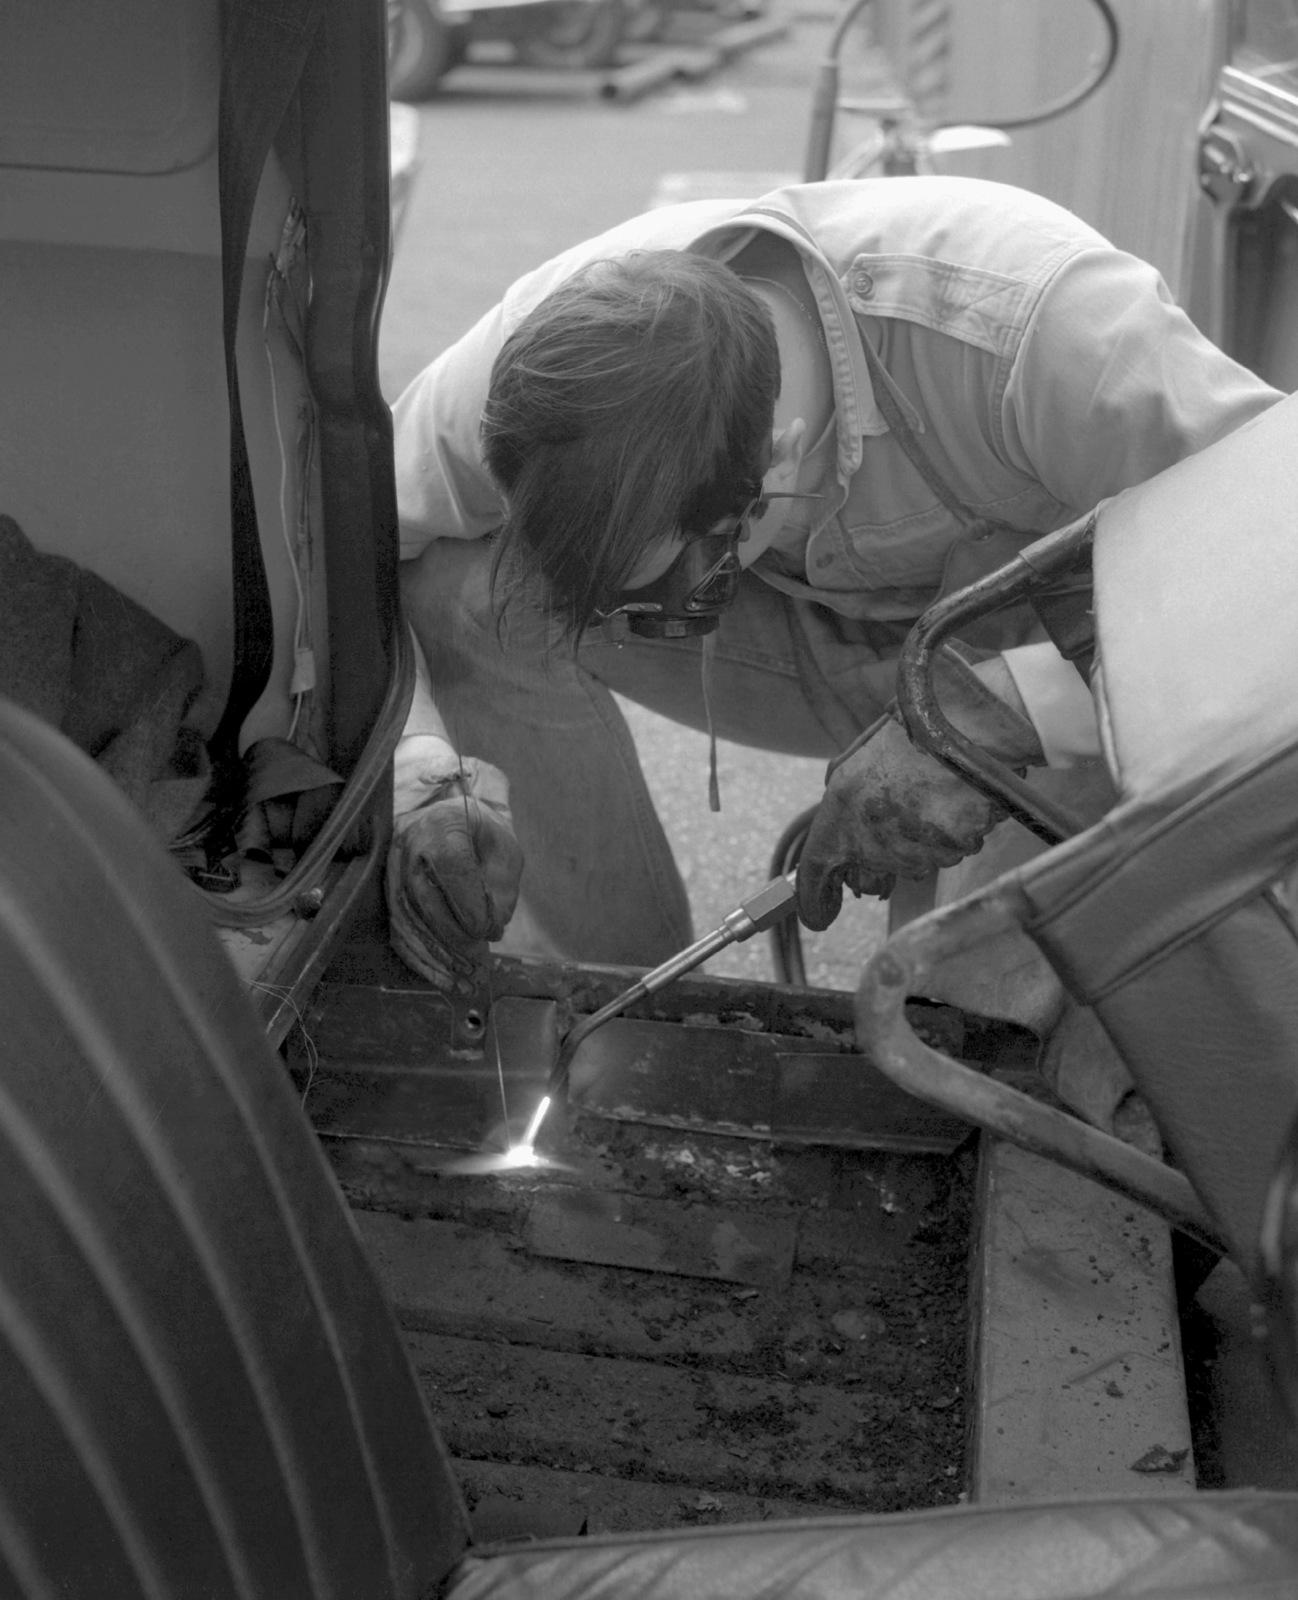 An auto hobby shop worker welds a rust spot along the frame